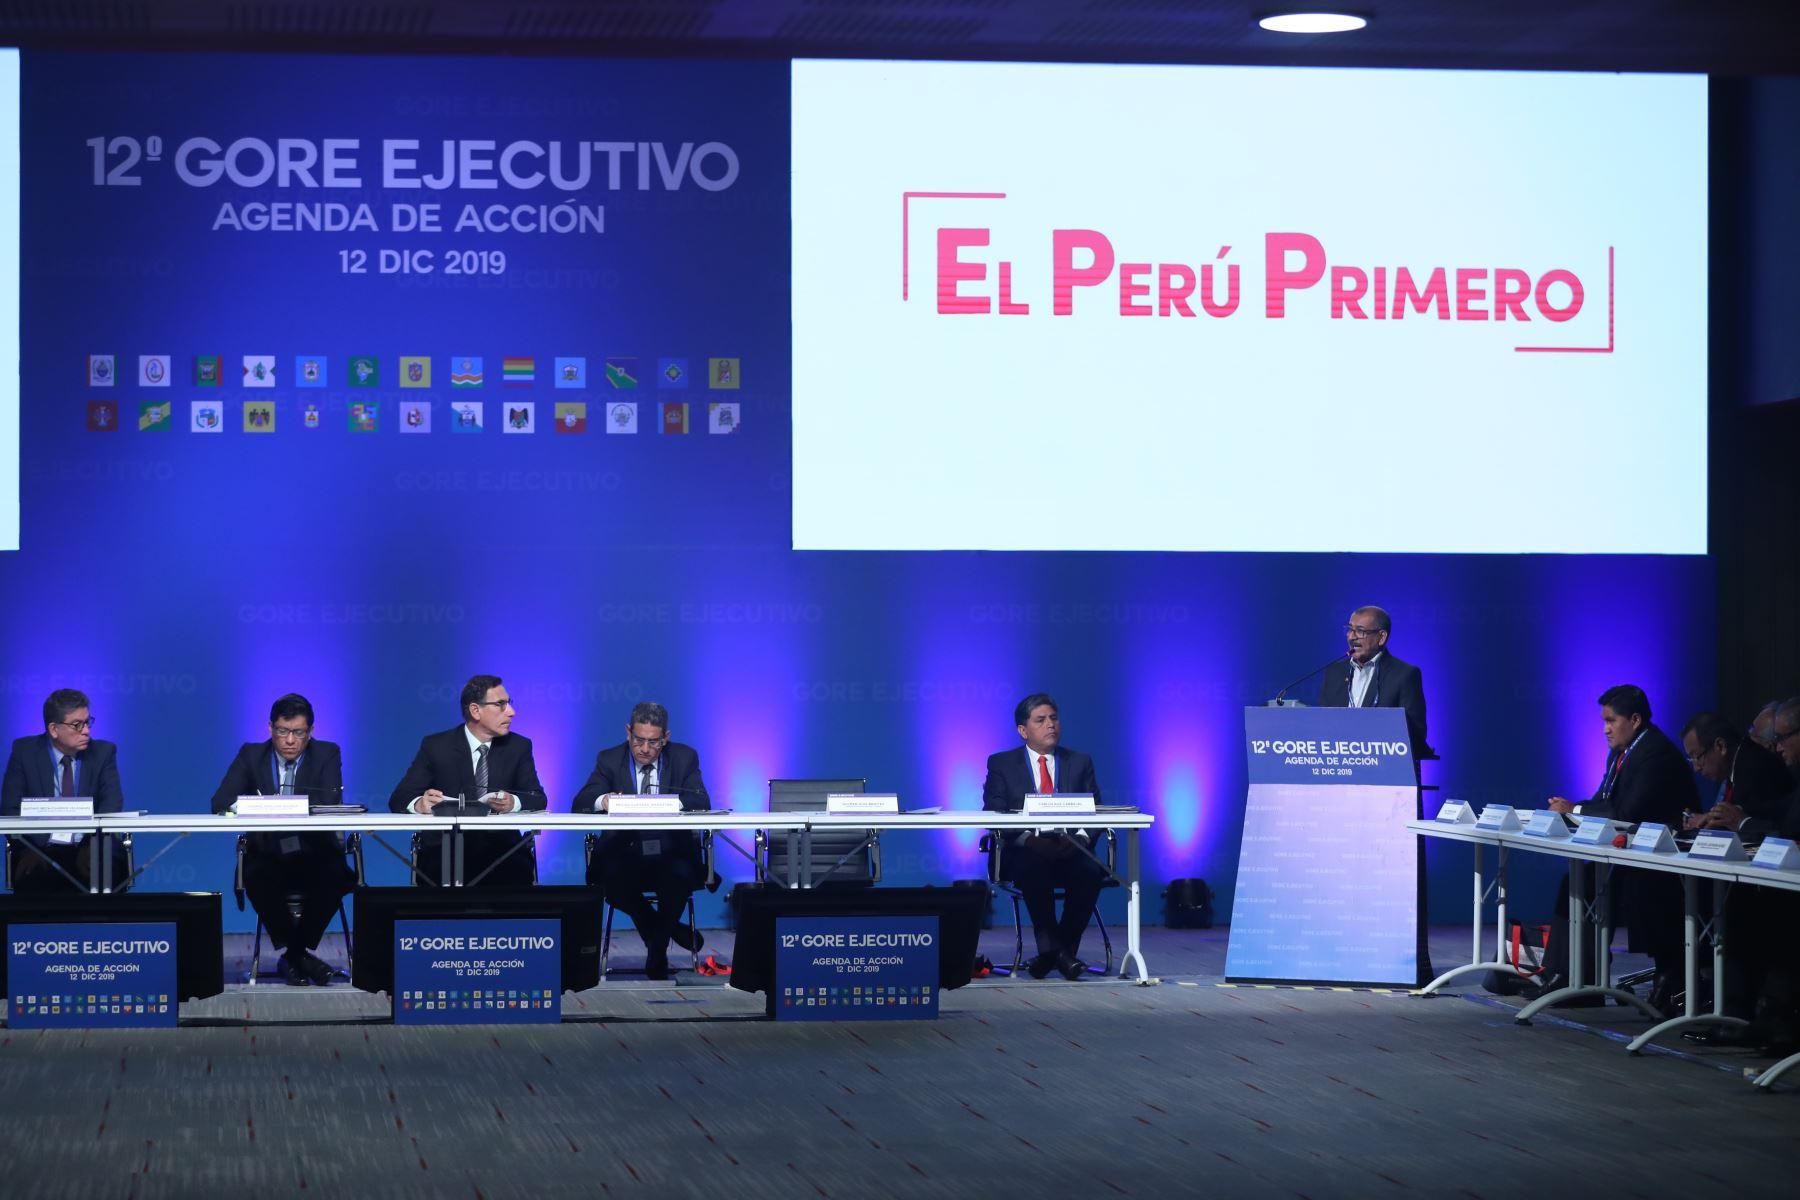 Presidente, Martín Vizcarra participa en la 12° Gore Ejecutivo. Foto: ANDINA/Melina Mejía